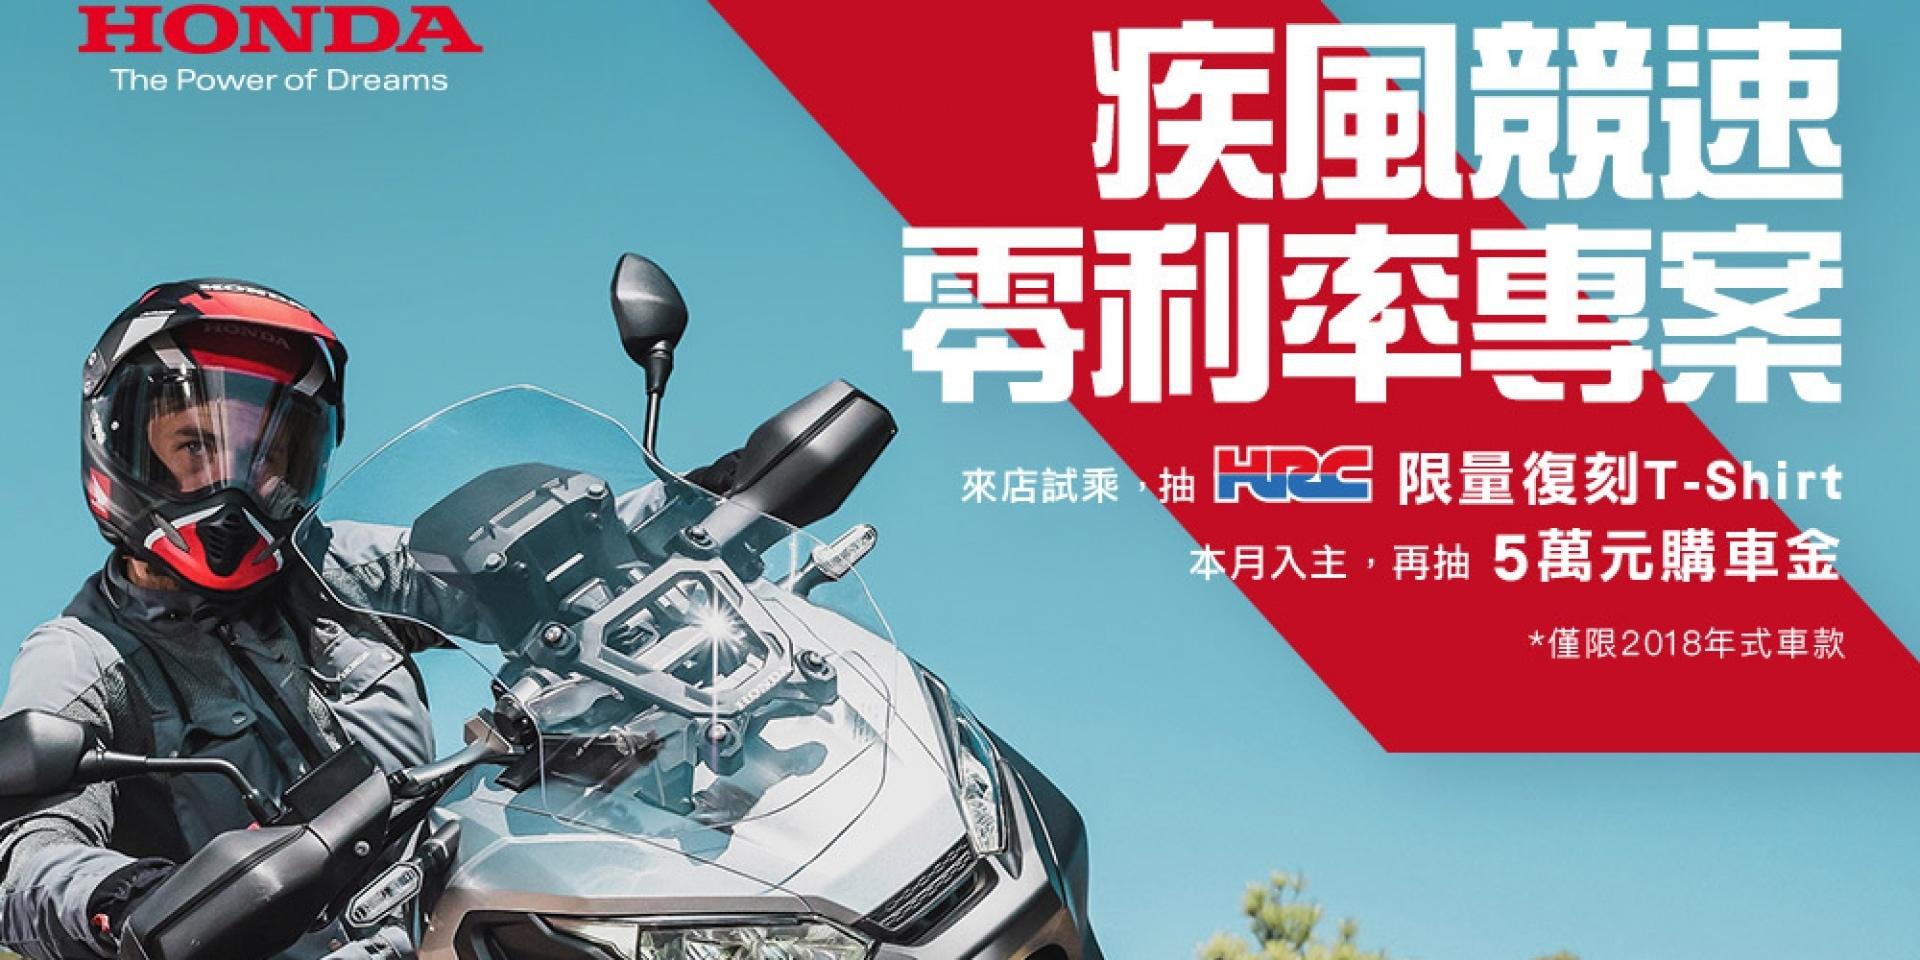 官方新聞稿。Honda Taiwan 2019 疾風競速 零利率購車專案  活動開跑